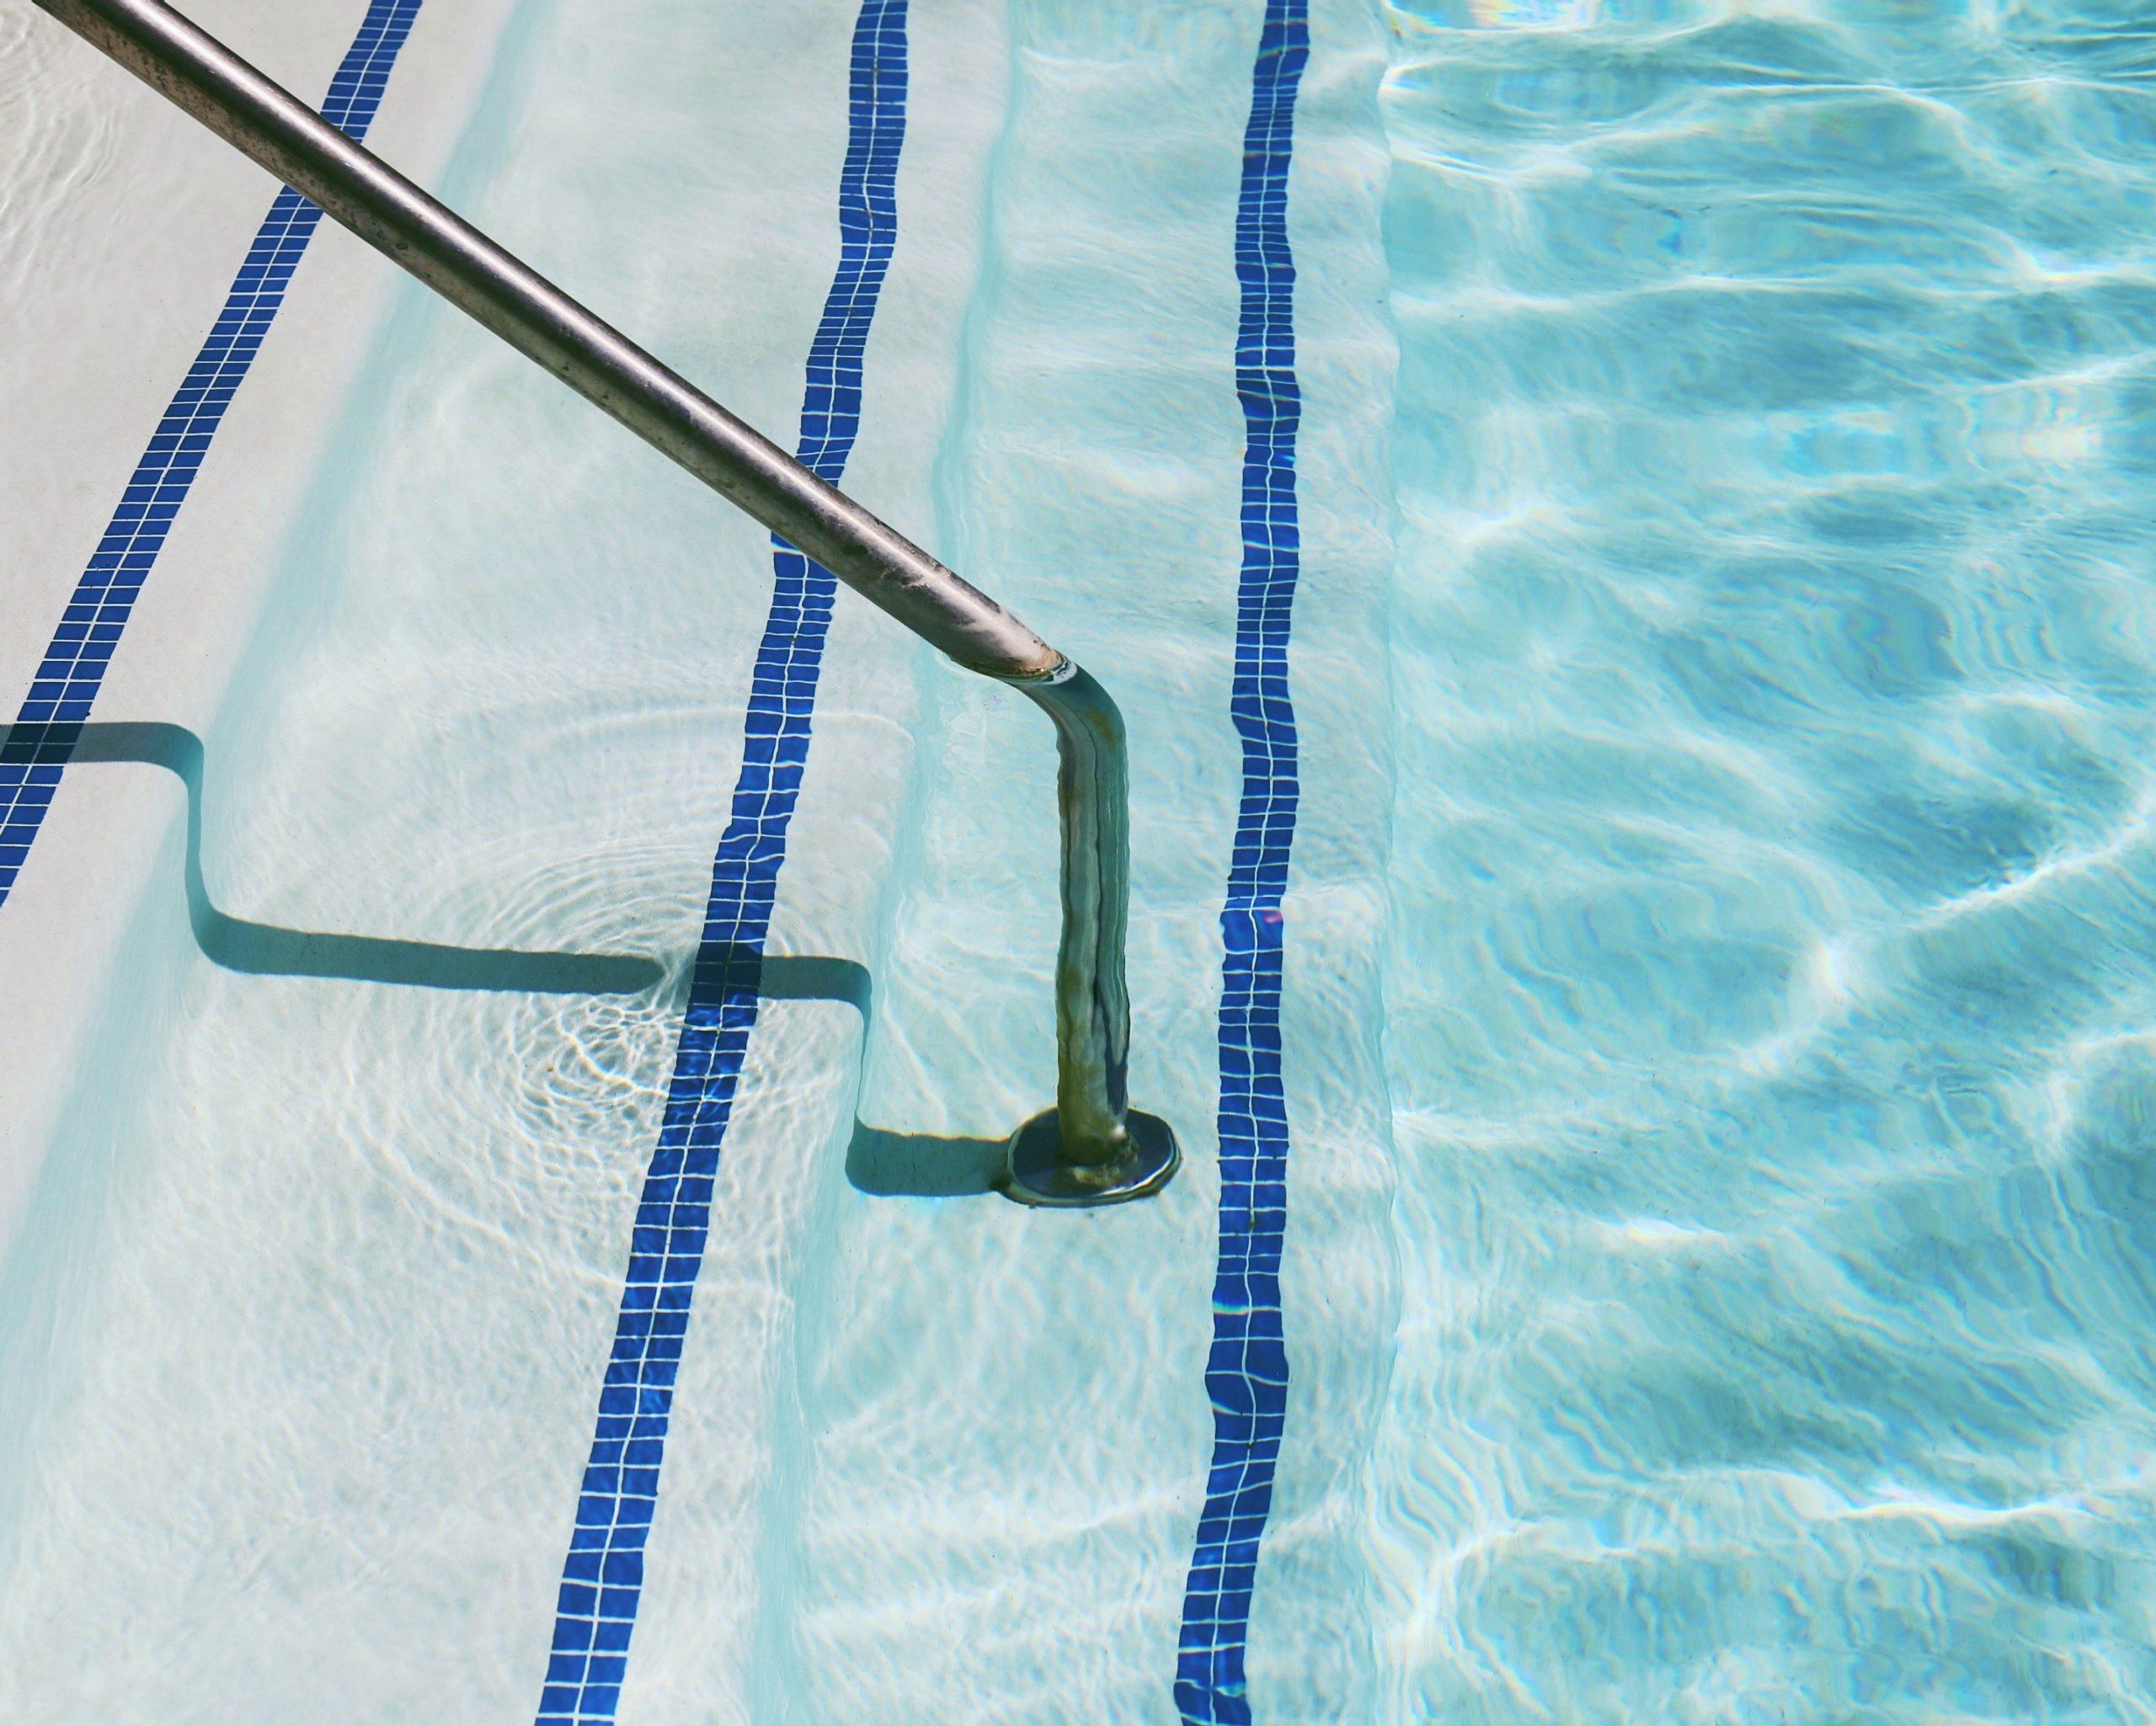 Spind im Schwimmbad aufgebrochen – wer haftet?